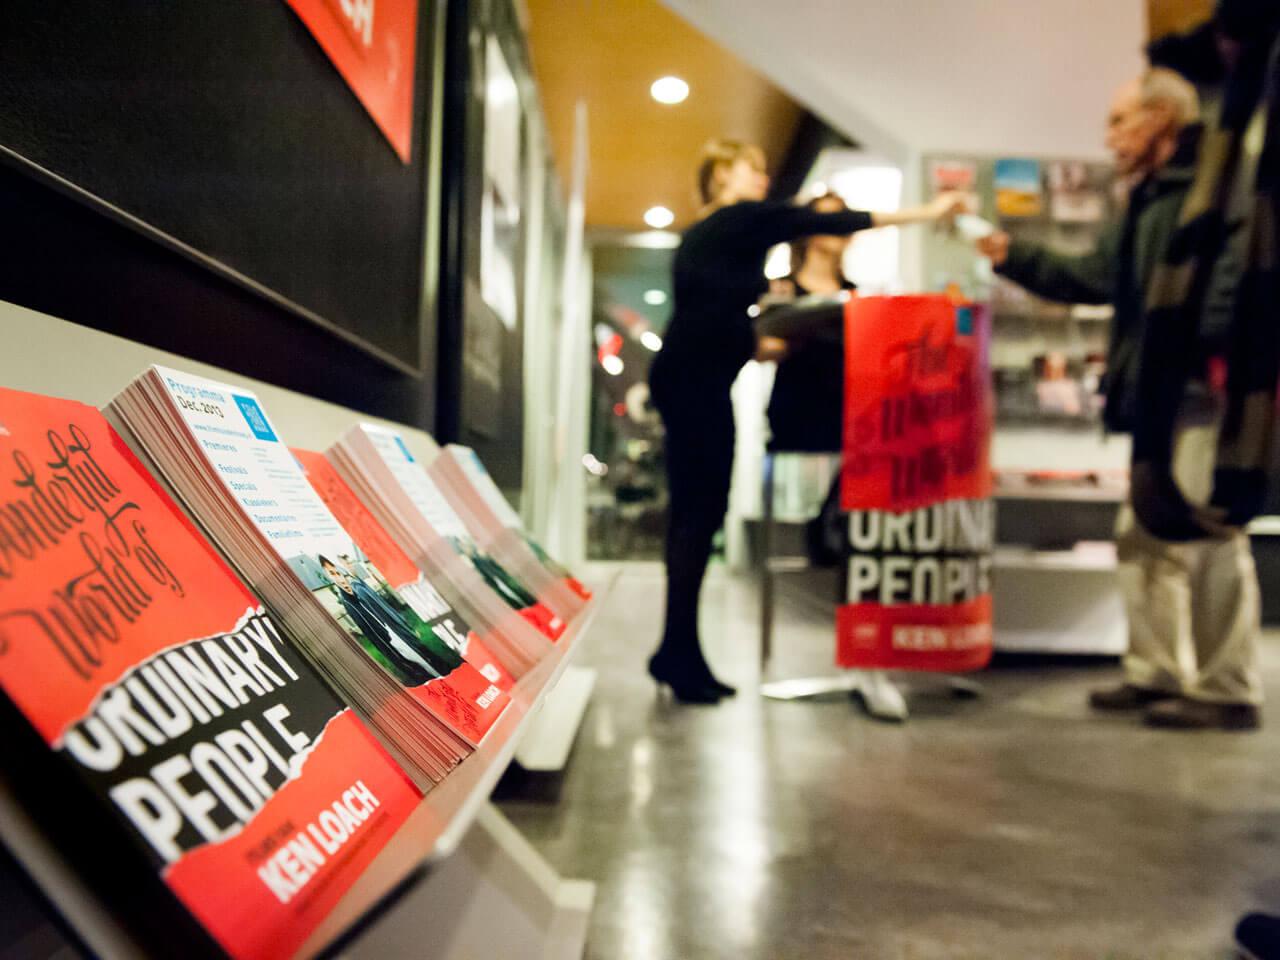 Studio Duel, Filmhuis Den Haag, Retrospectief, Ken Loach, Campagne